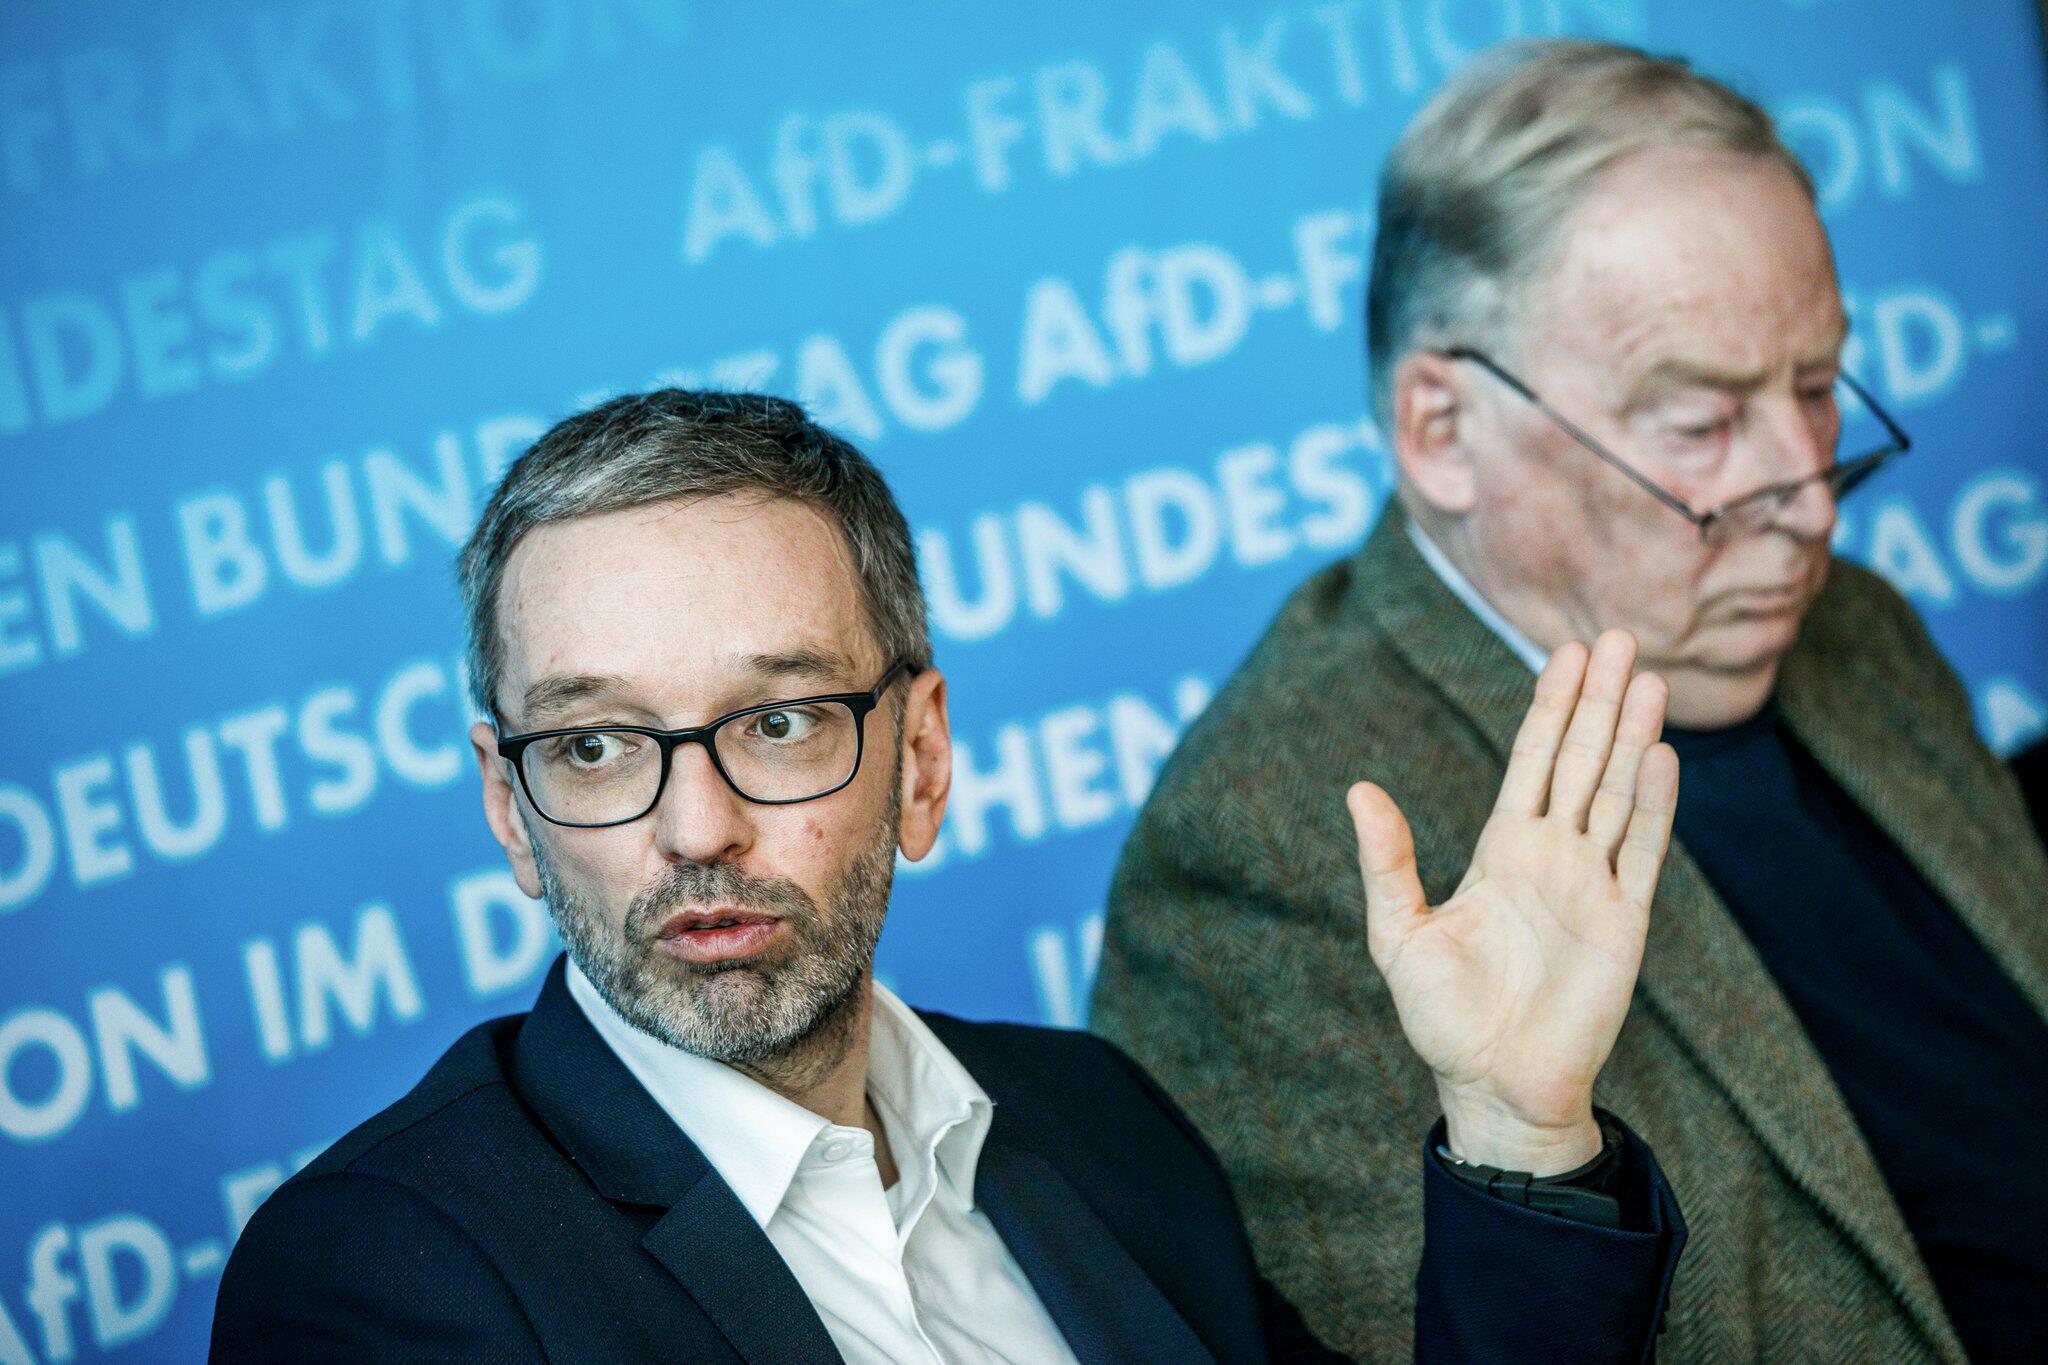 Bild zu AfD talks about border management in Europe